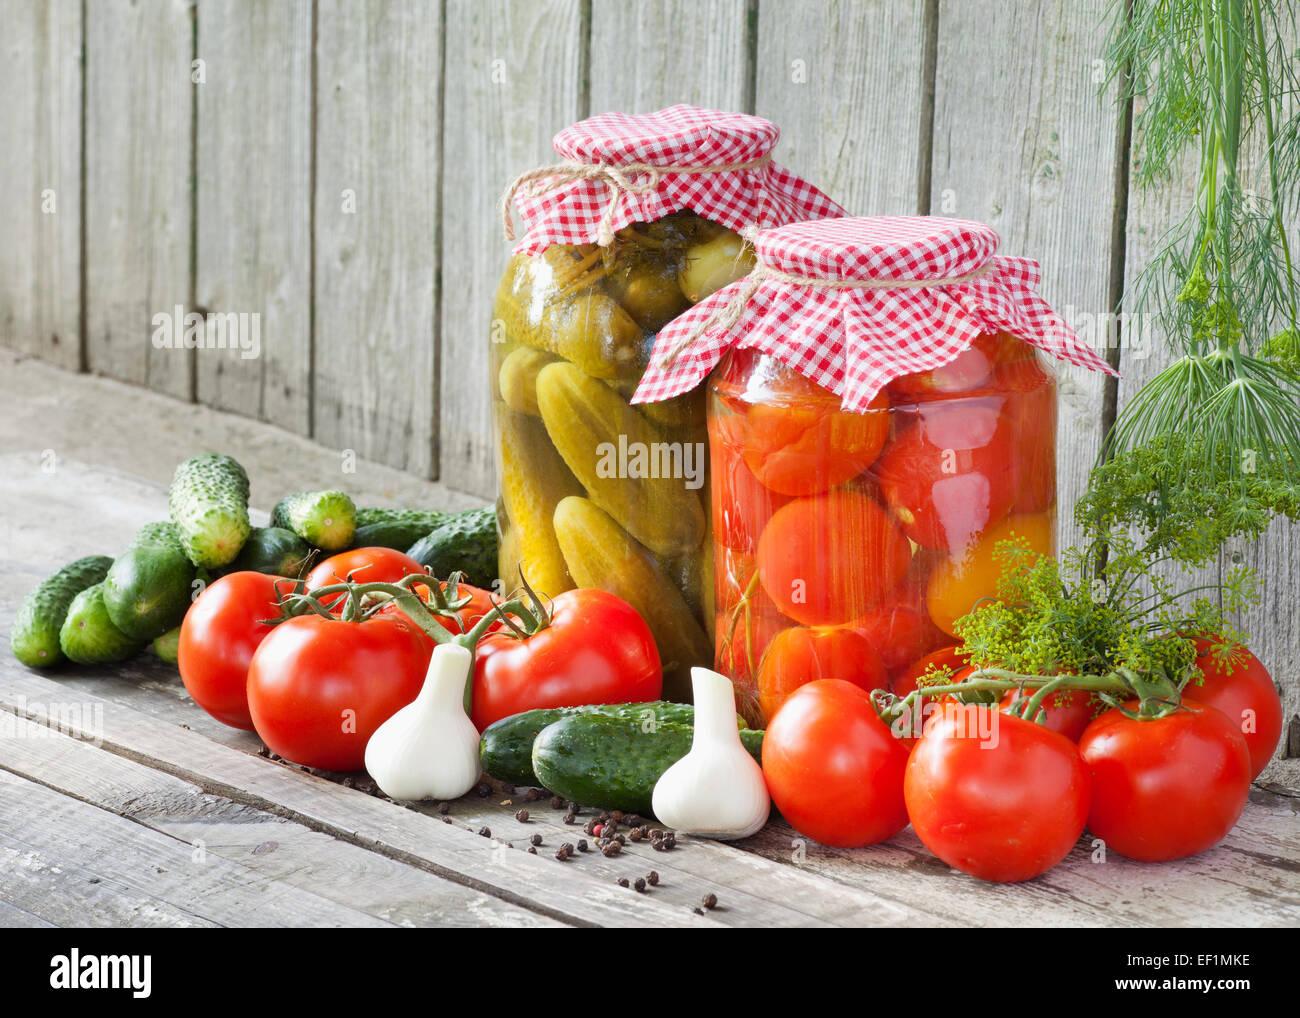 Tomaten aus der Dose und sauren Gurken, hausgemachte Gemüse erhalten Stockbild